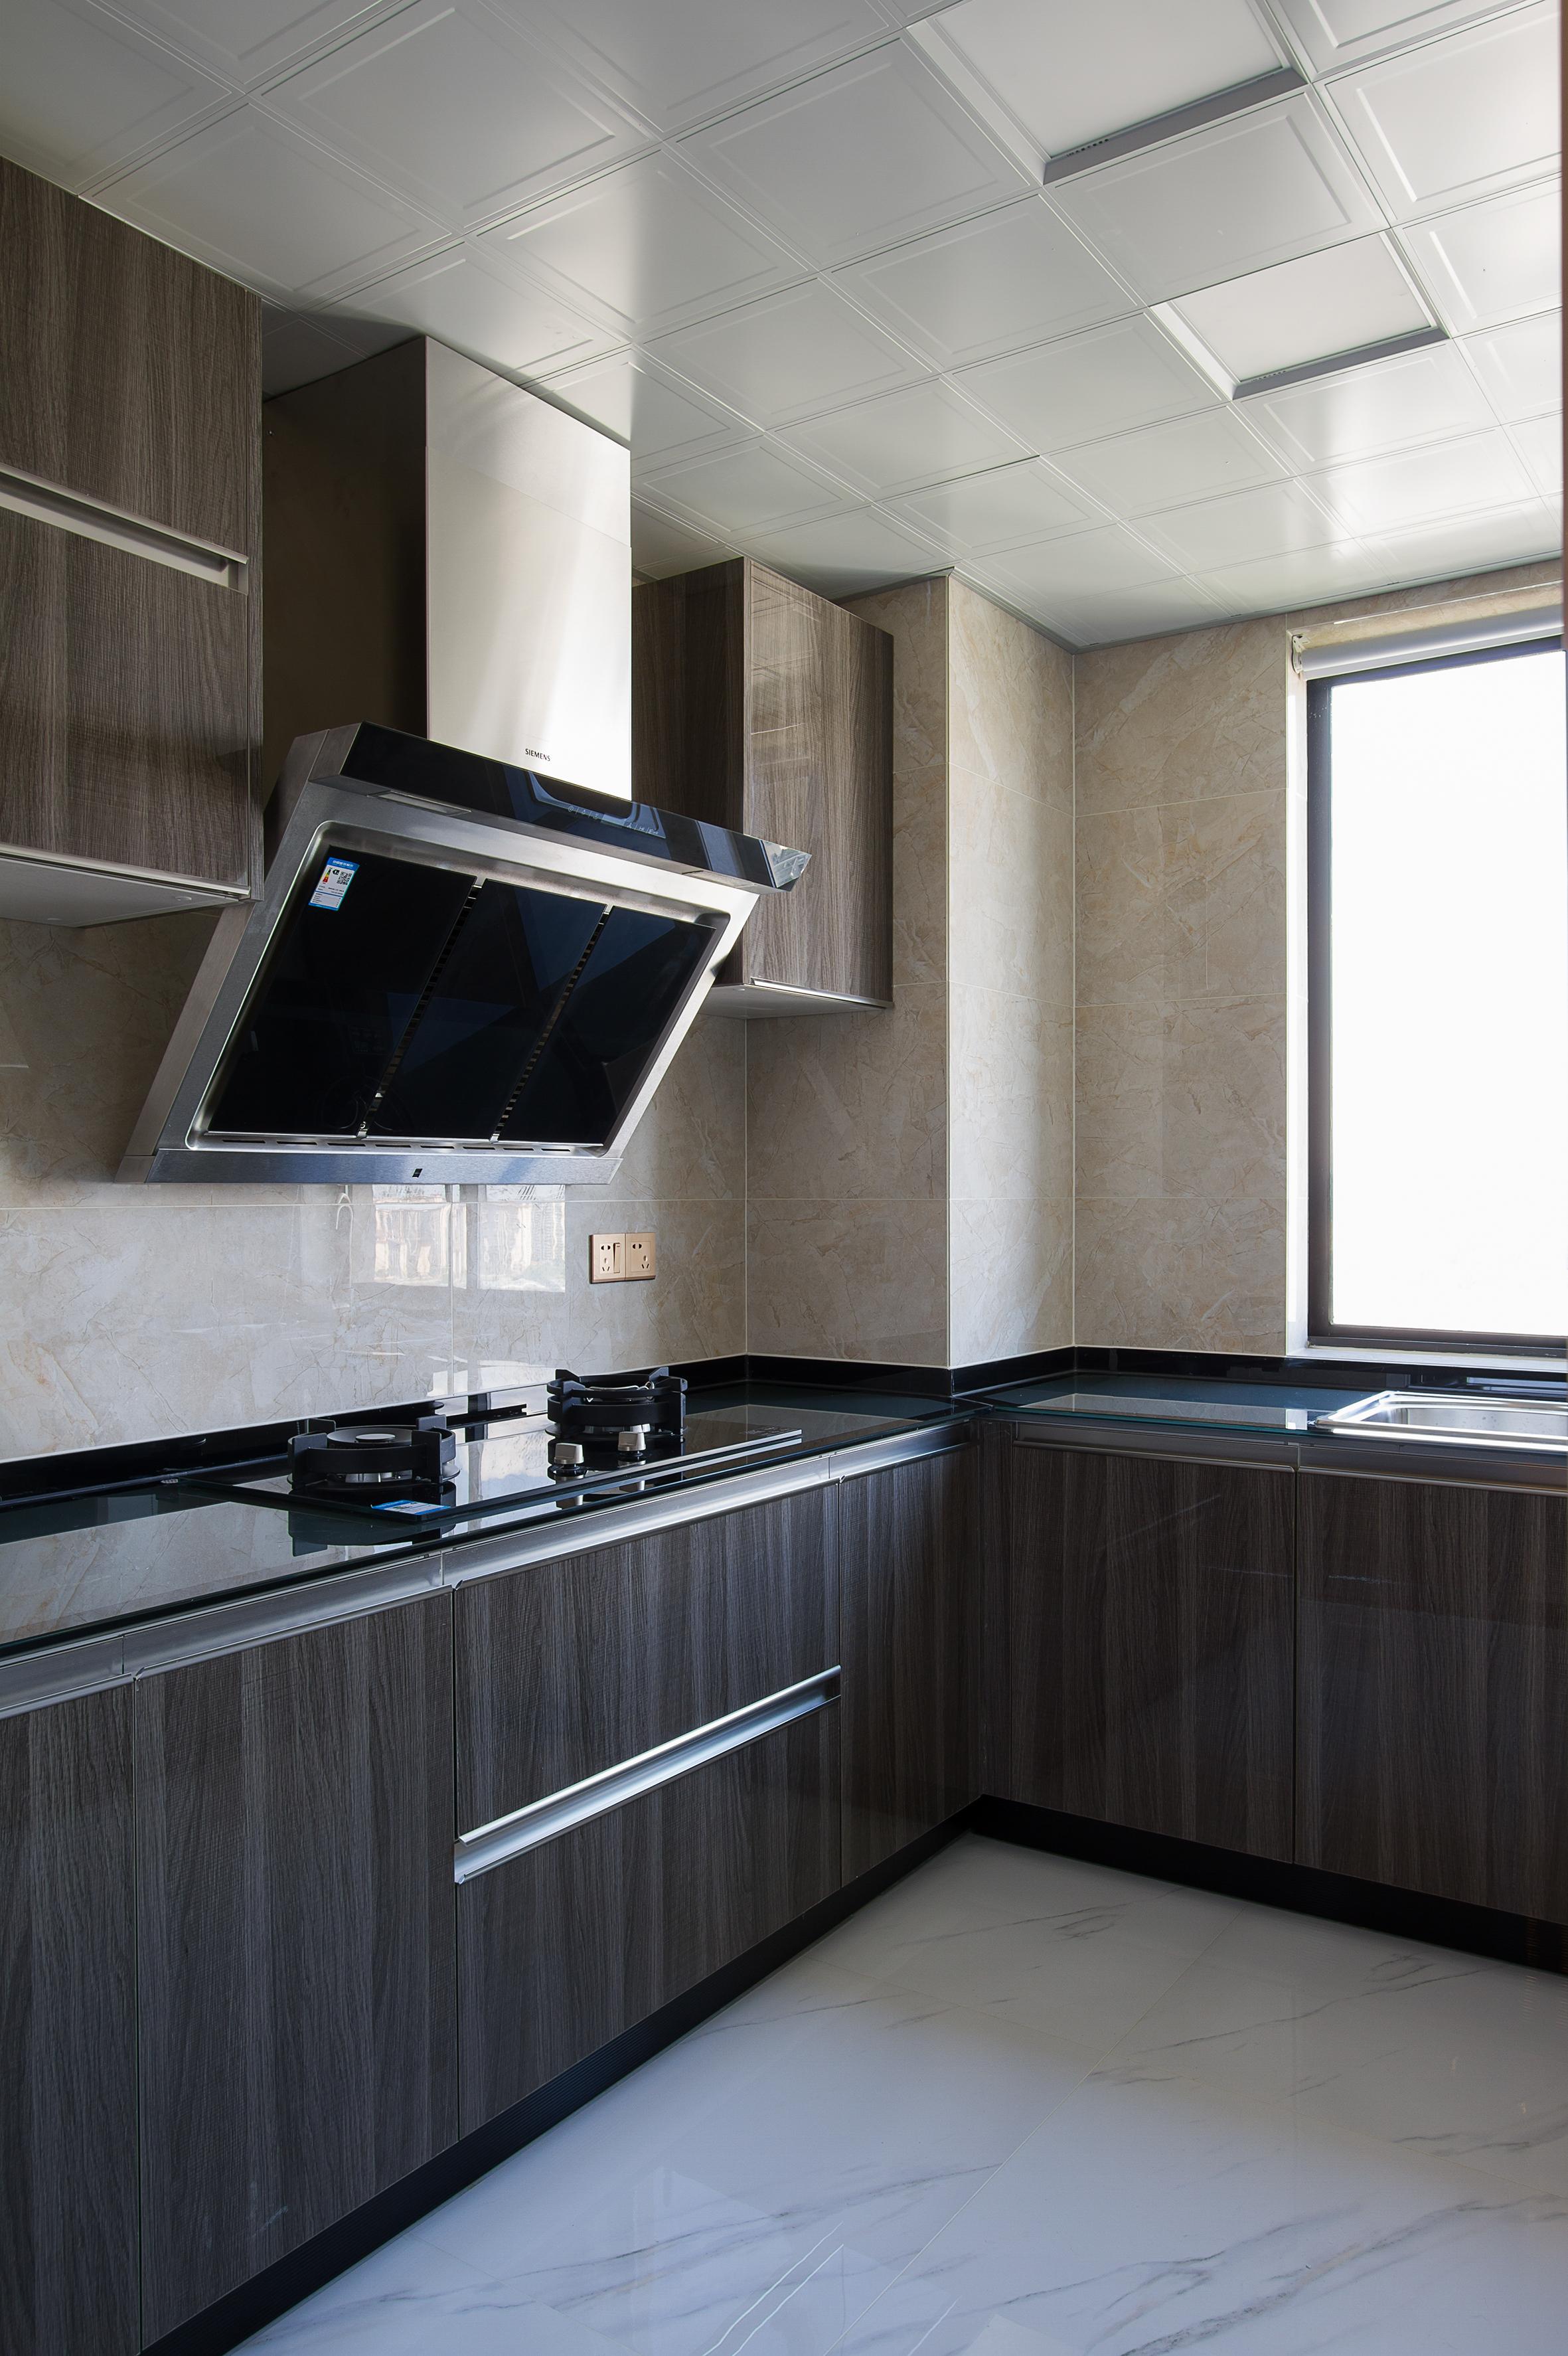 130㎡简约风格装修厨房设计图